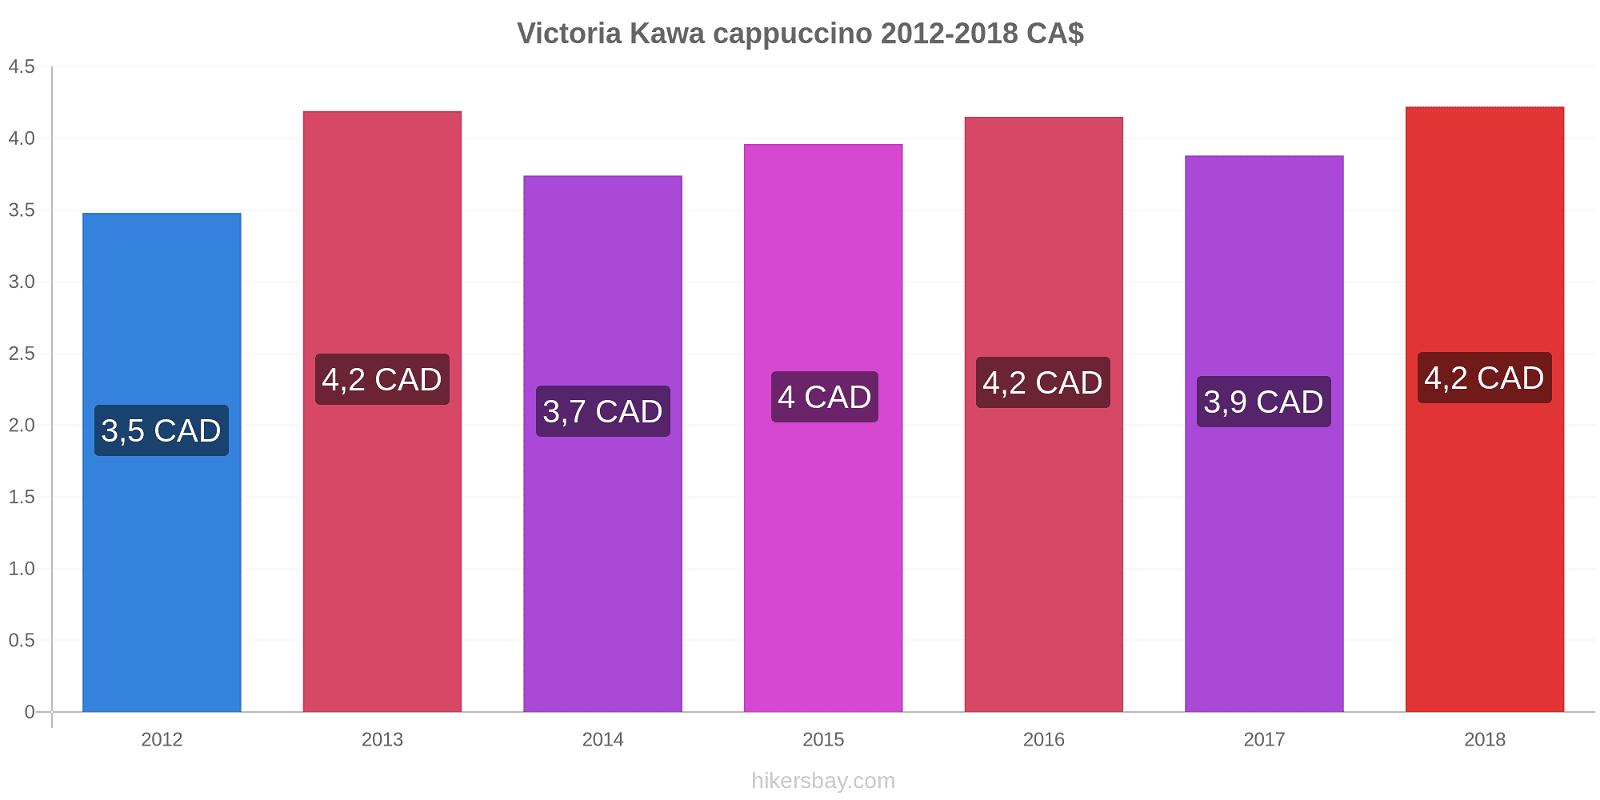 Victoria zmiany cen Kawa cappuccino hikersbay.com